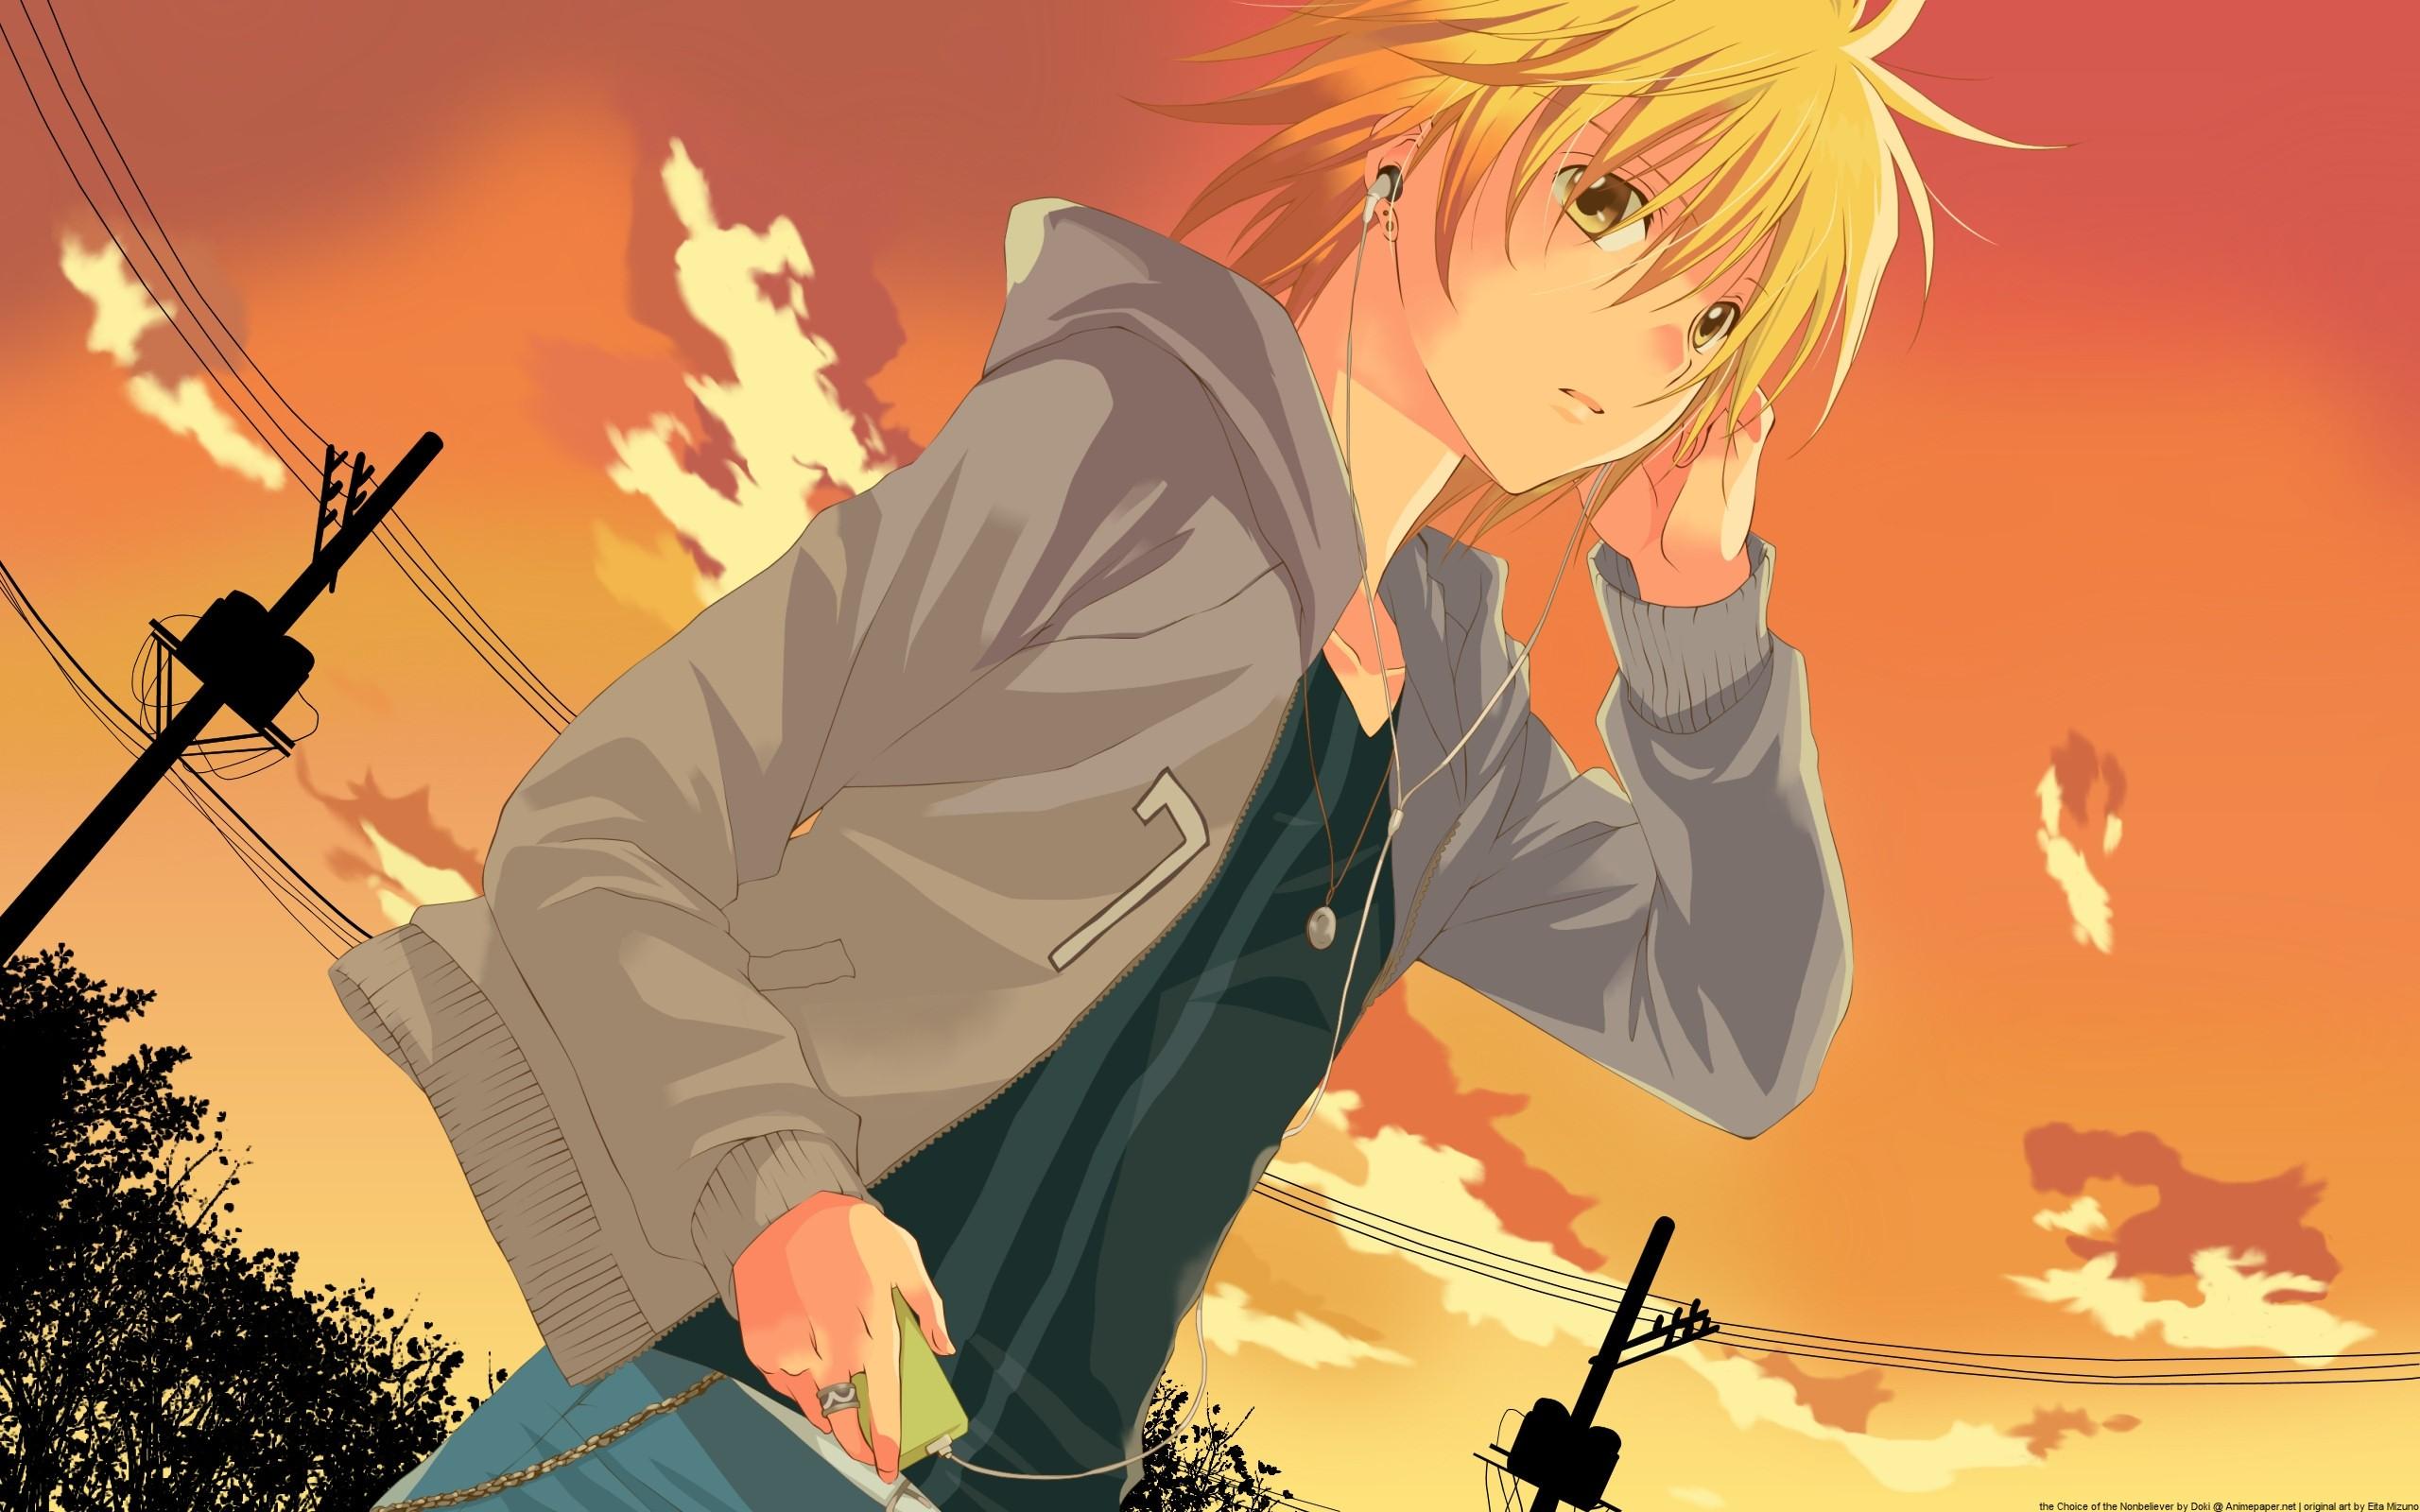 Wallpaper anime, girl, headphones, sunset, evening